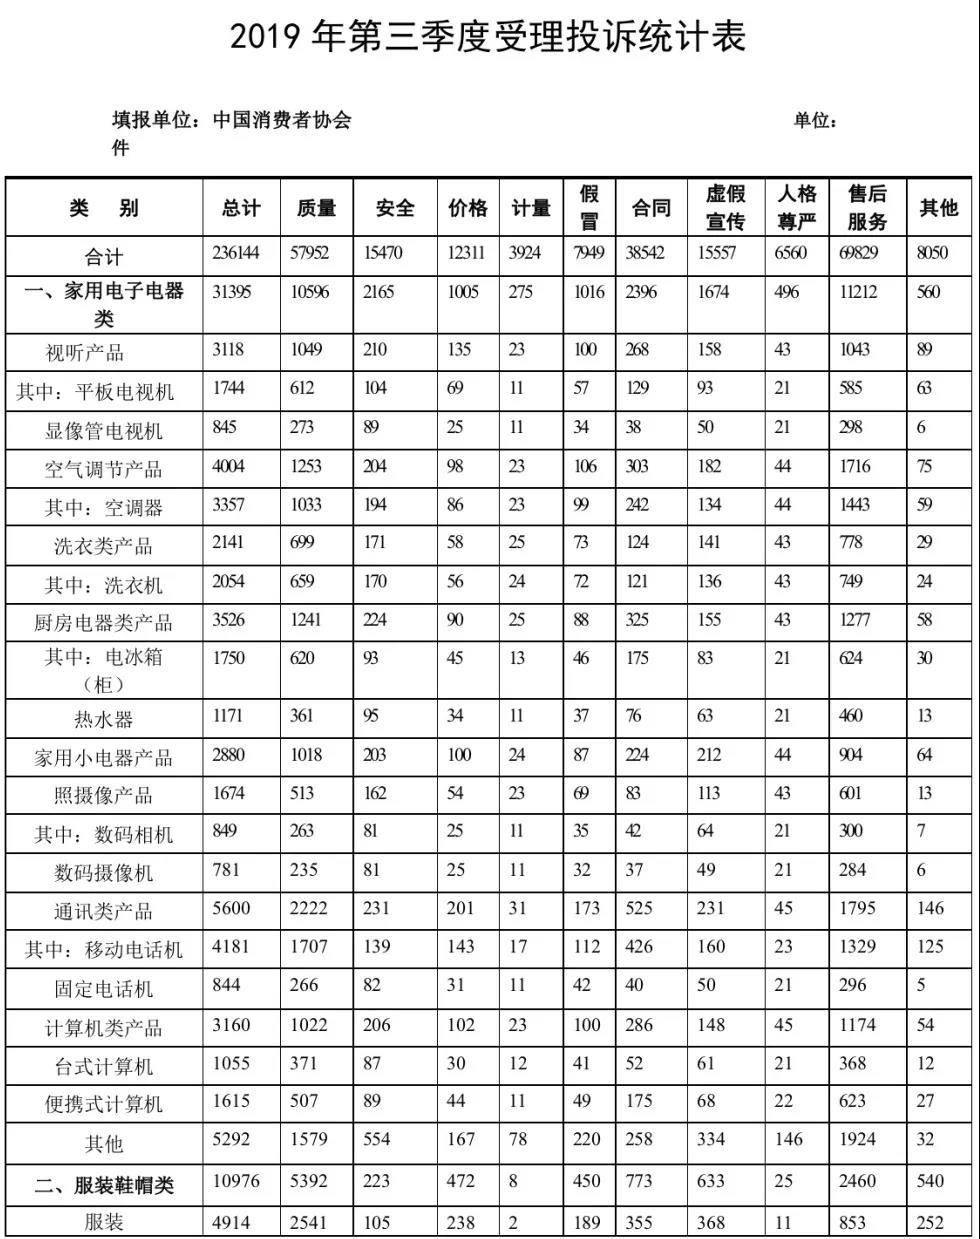 爽8官网注册会员账号_螺纹钢期货回调空间有限